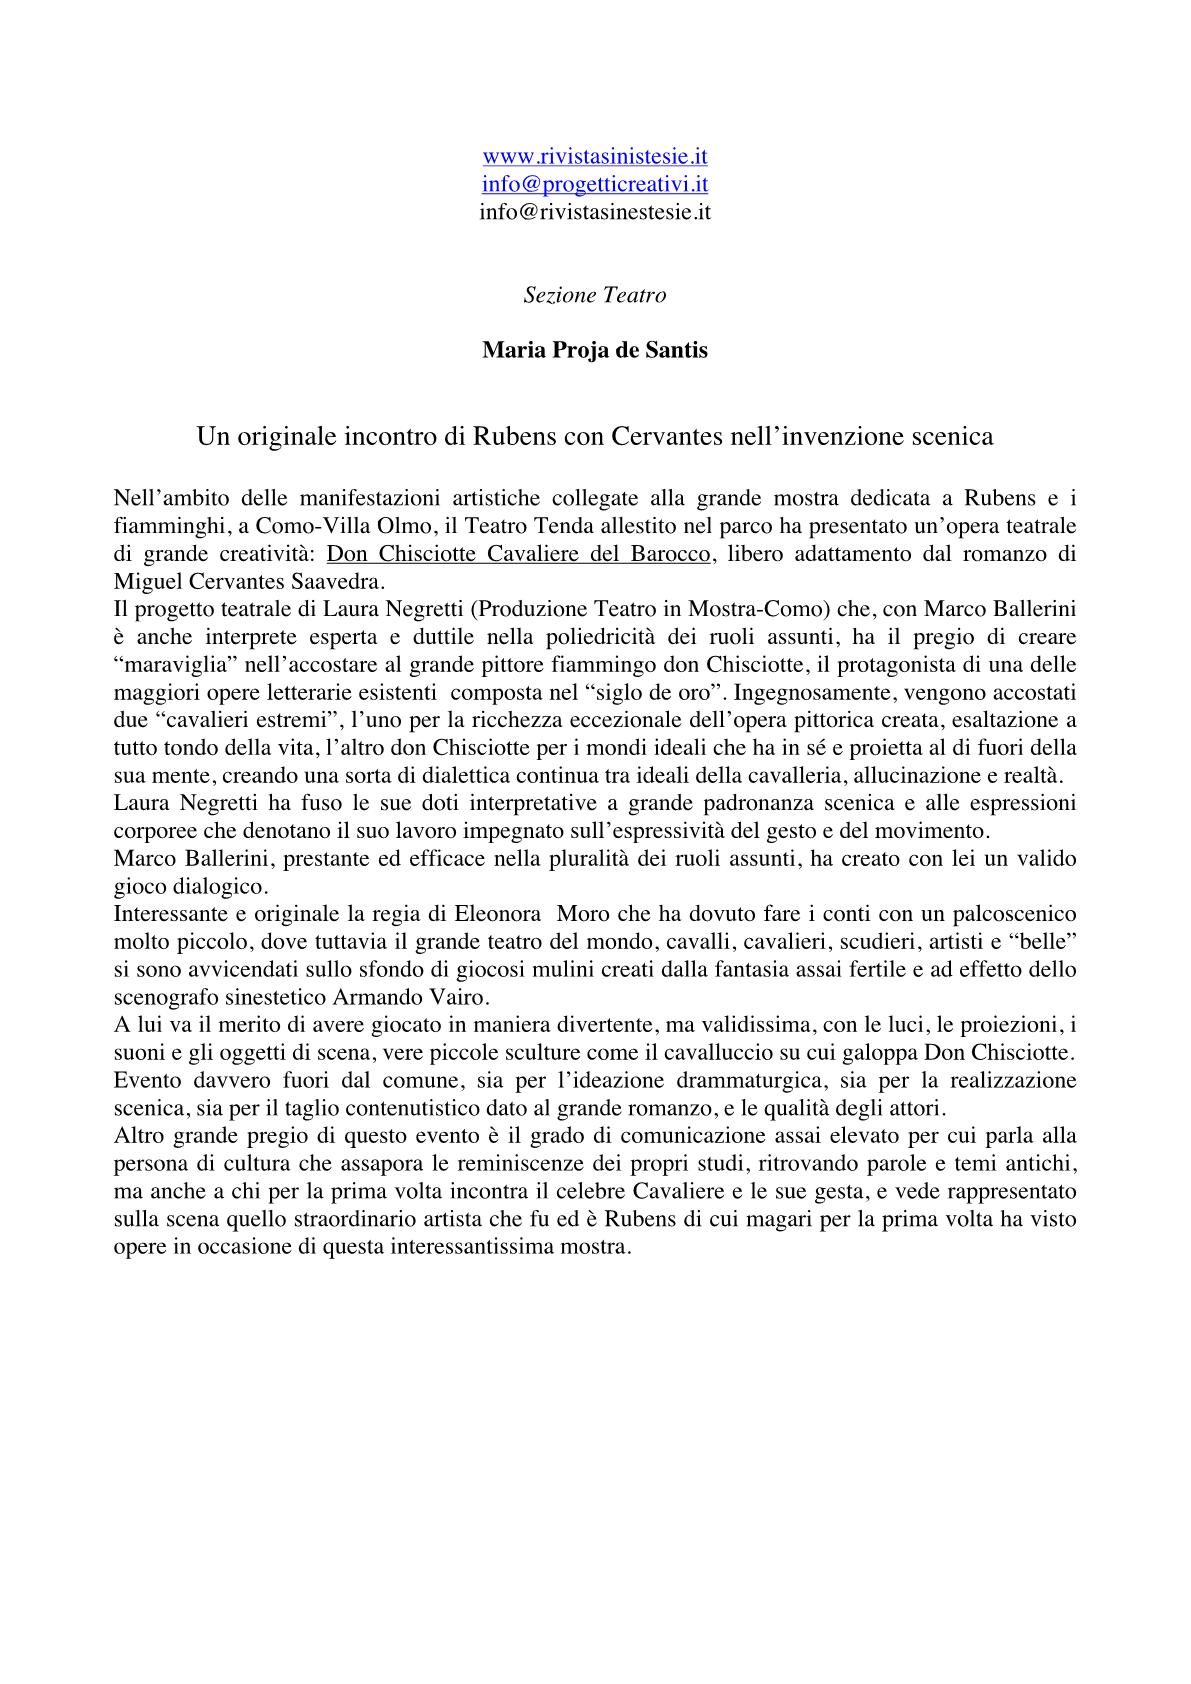 RECENSIONE Rivista Sinestesie Maria de Santis